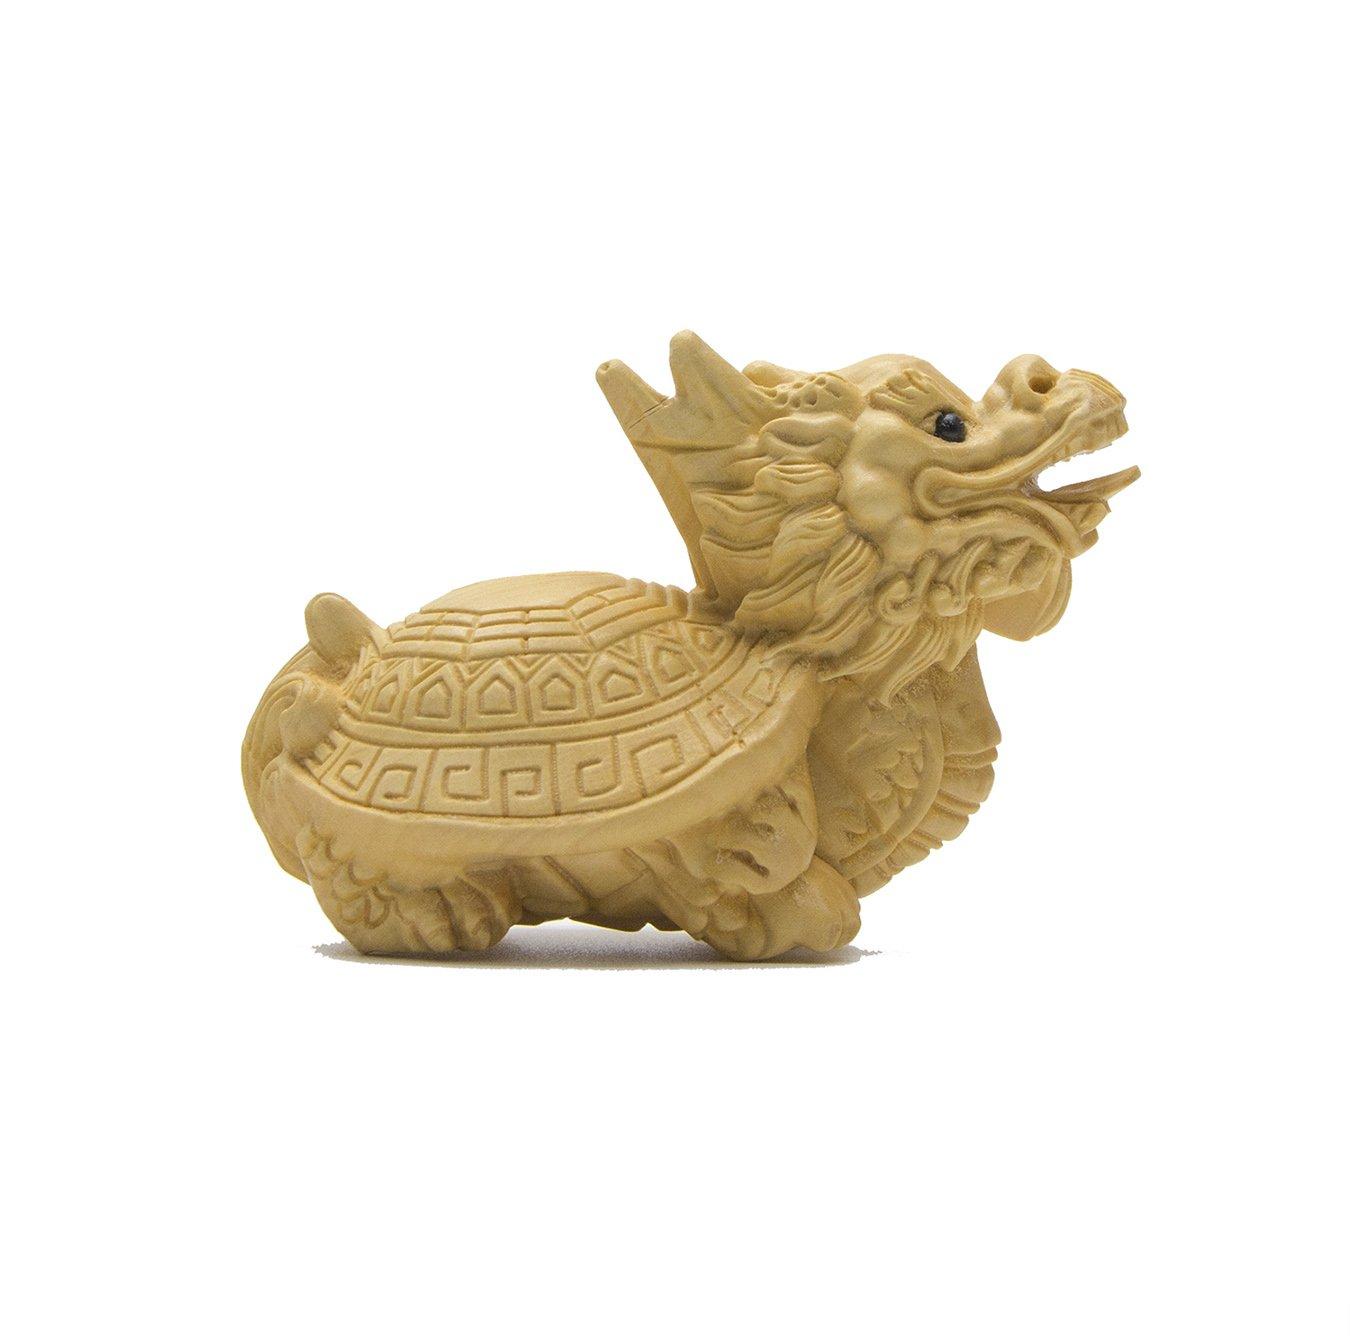 置物 インテリア 玄武 げんぶ ツゲ 黄楊 木彫り 木の置物 WOOD 天然木 ウッド 玄関 可愛い 雑貨 亀と龍の化身 中国 B072J8GBZ4